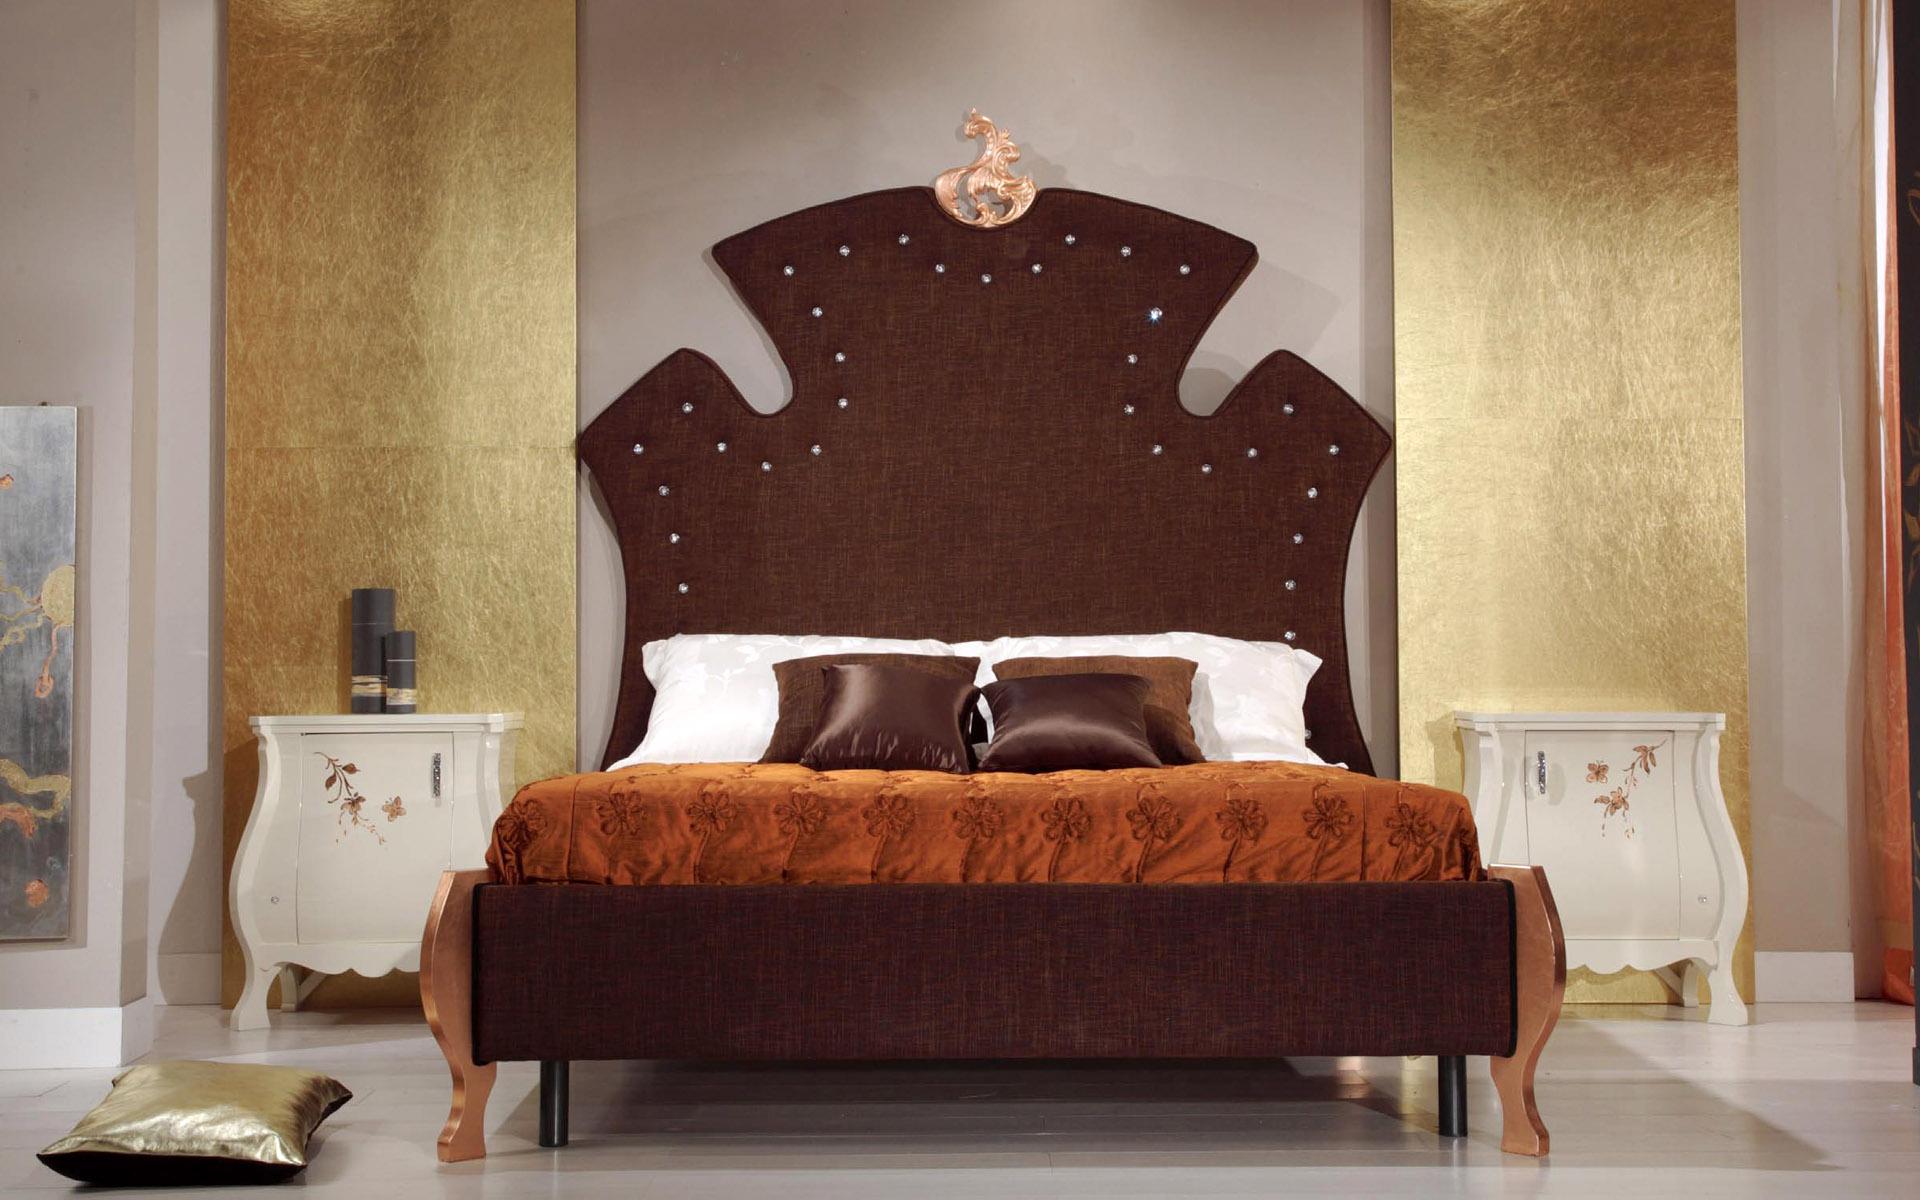 8 40 amazing interior design ideas